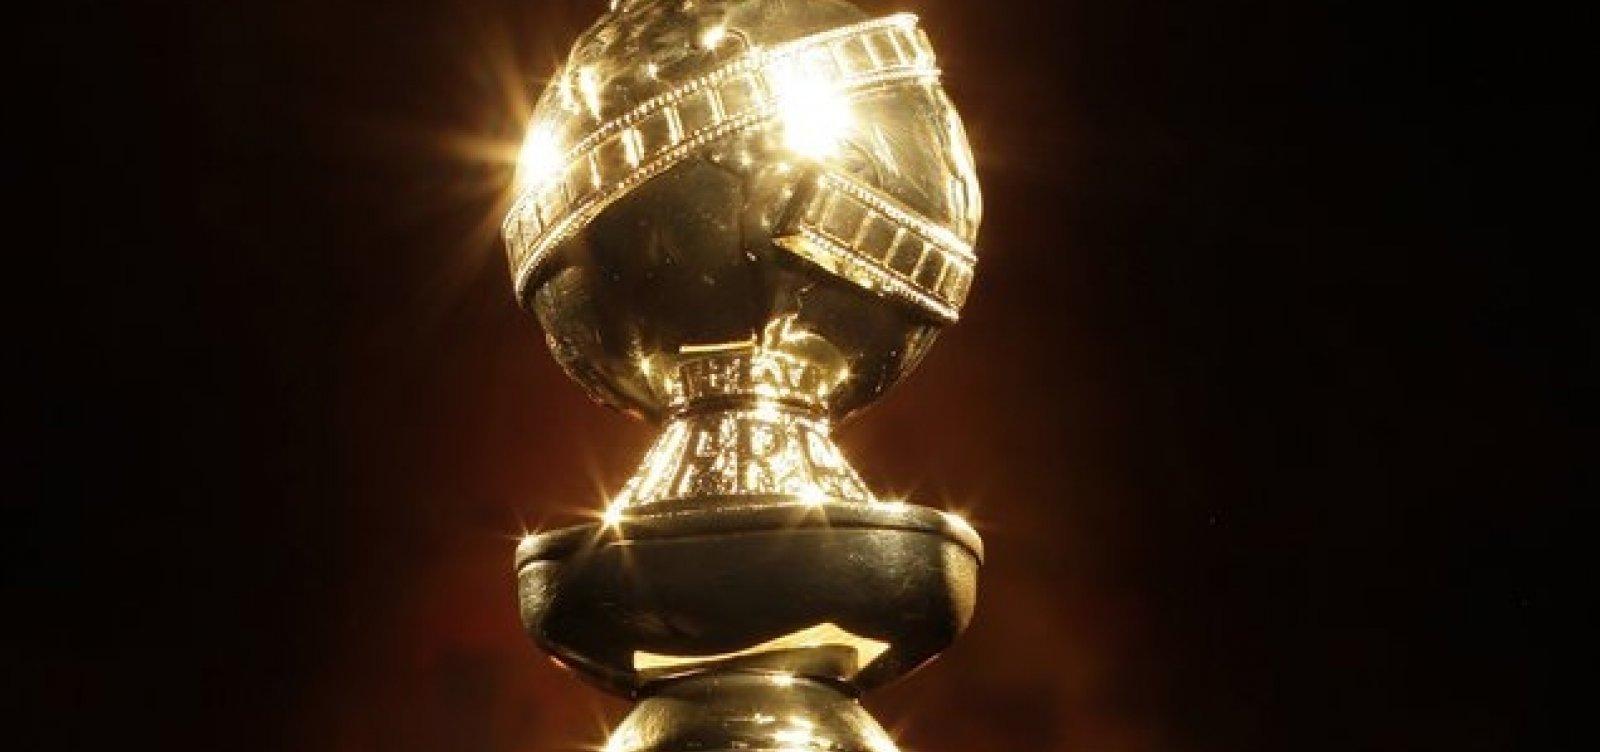 Indicados do Globo de Ouro 2020 são divulgados; confira lista